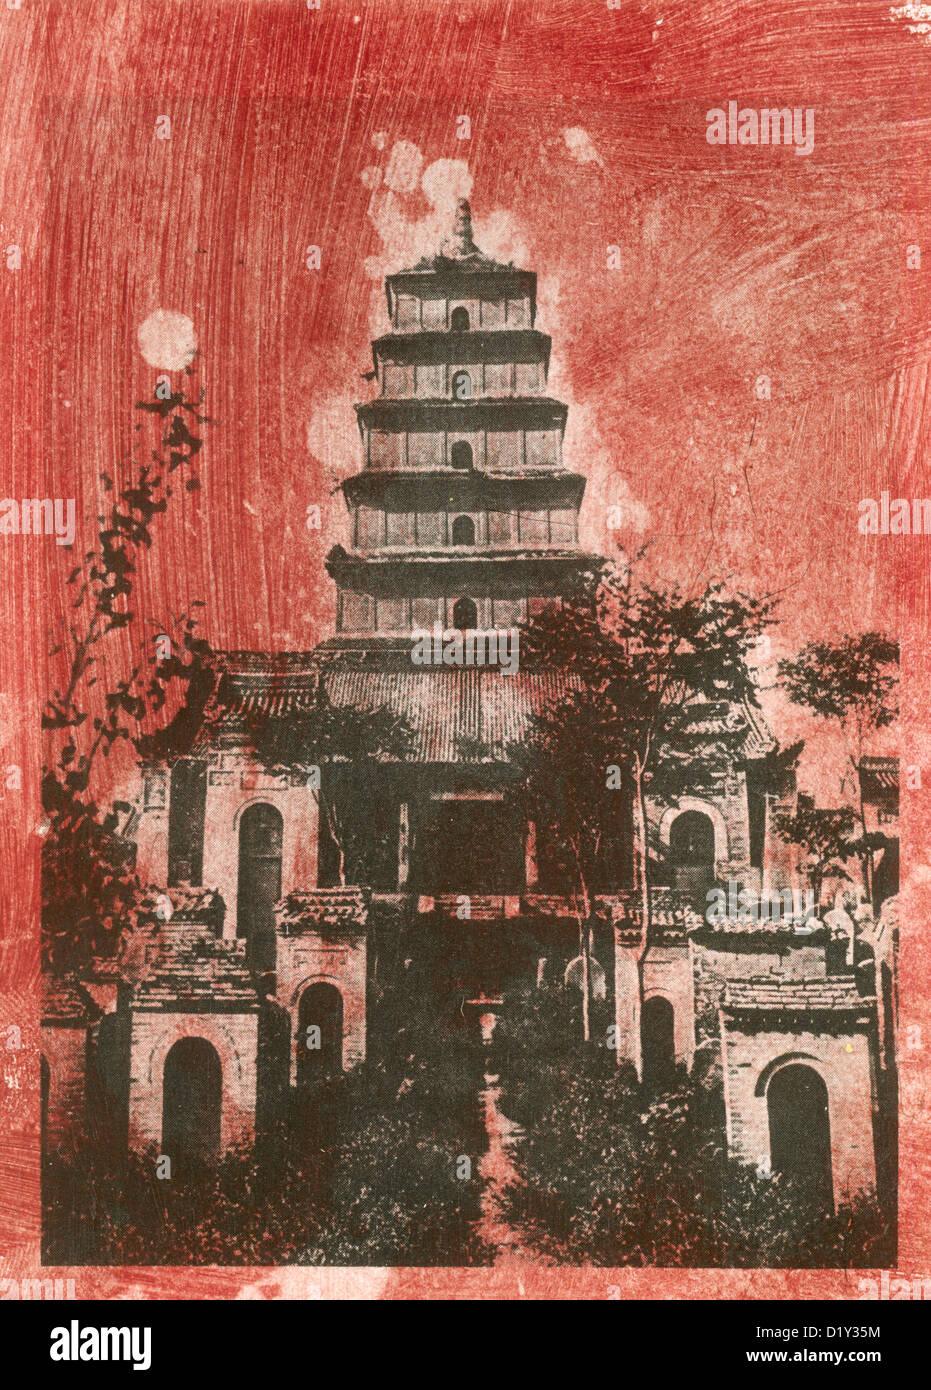 Pagoda tradicional japonesa manchada de impresión de medios mixtos. Imagen De Stock